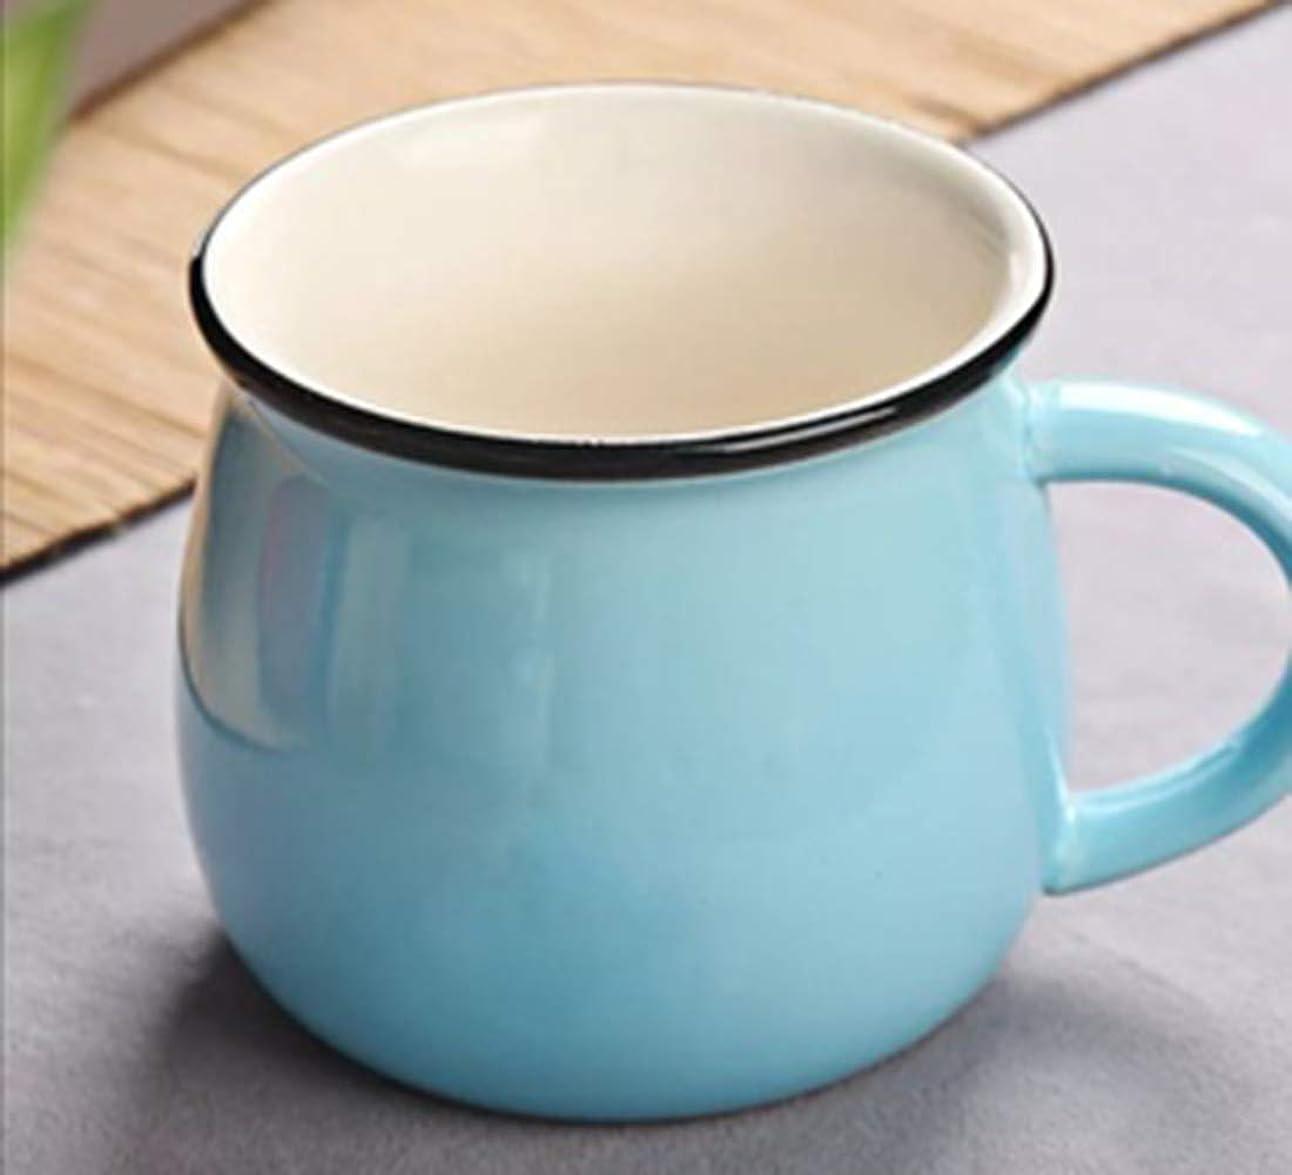 ハイライトにじみ出る情緒的セラミックカップマグカップカップルカップ朝食カップミルクカップコーヒーカップ水カップ子供カップ複数色小容量 (水色)